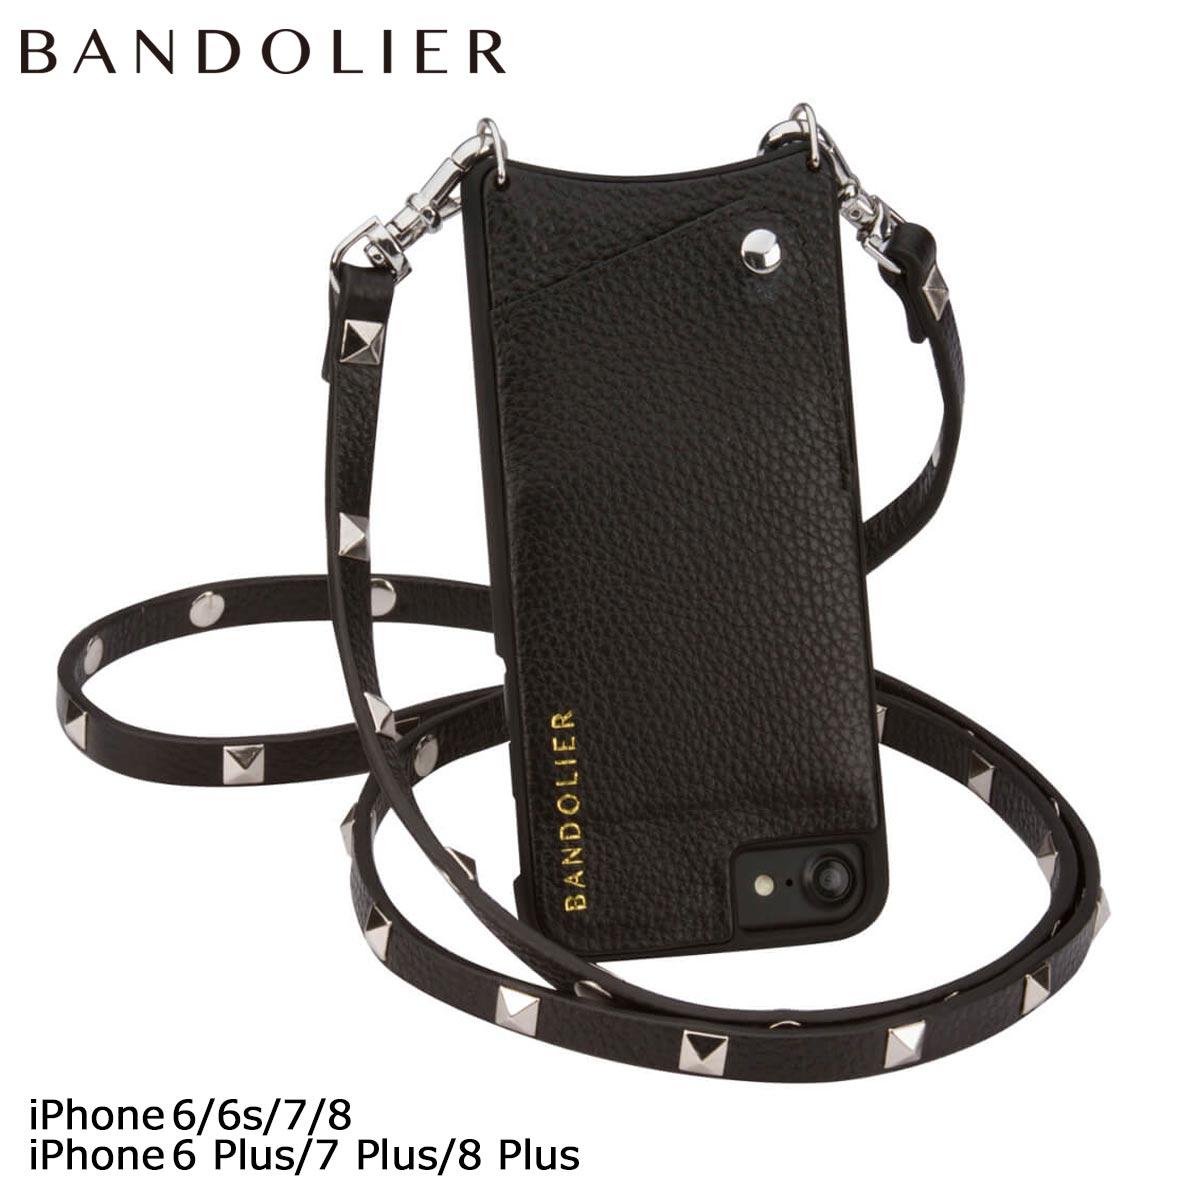 バンドリヤー BANDOLIER iPhone8 iPhone7 7Plus 6s ケース スマホ アイフォン プラス SARAH レザー スタッズ メンズ レディース